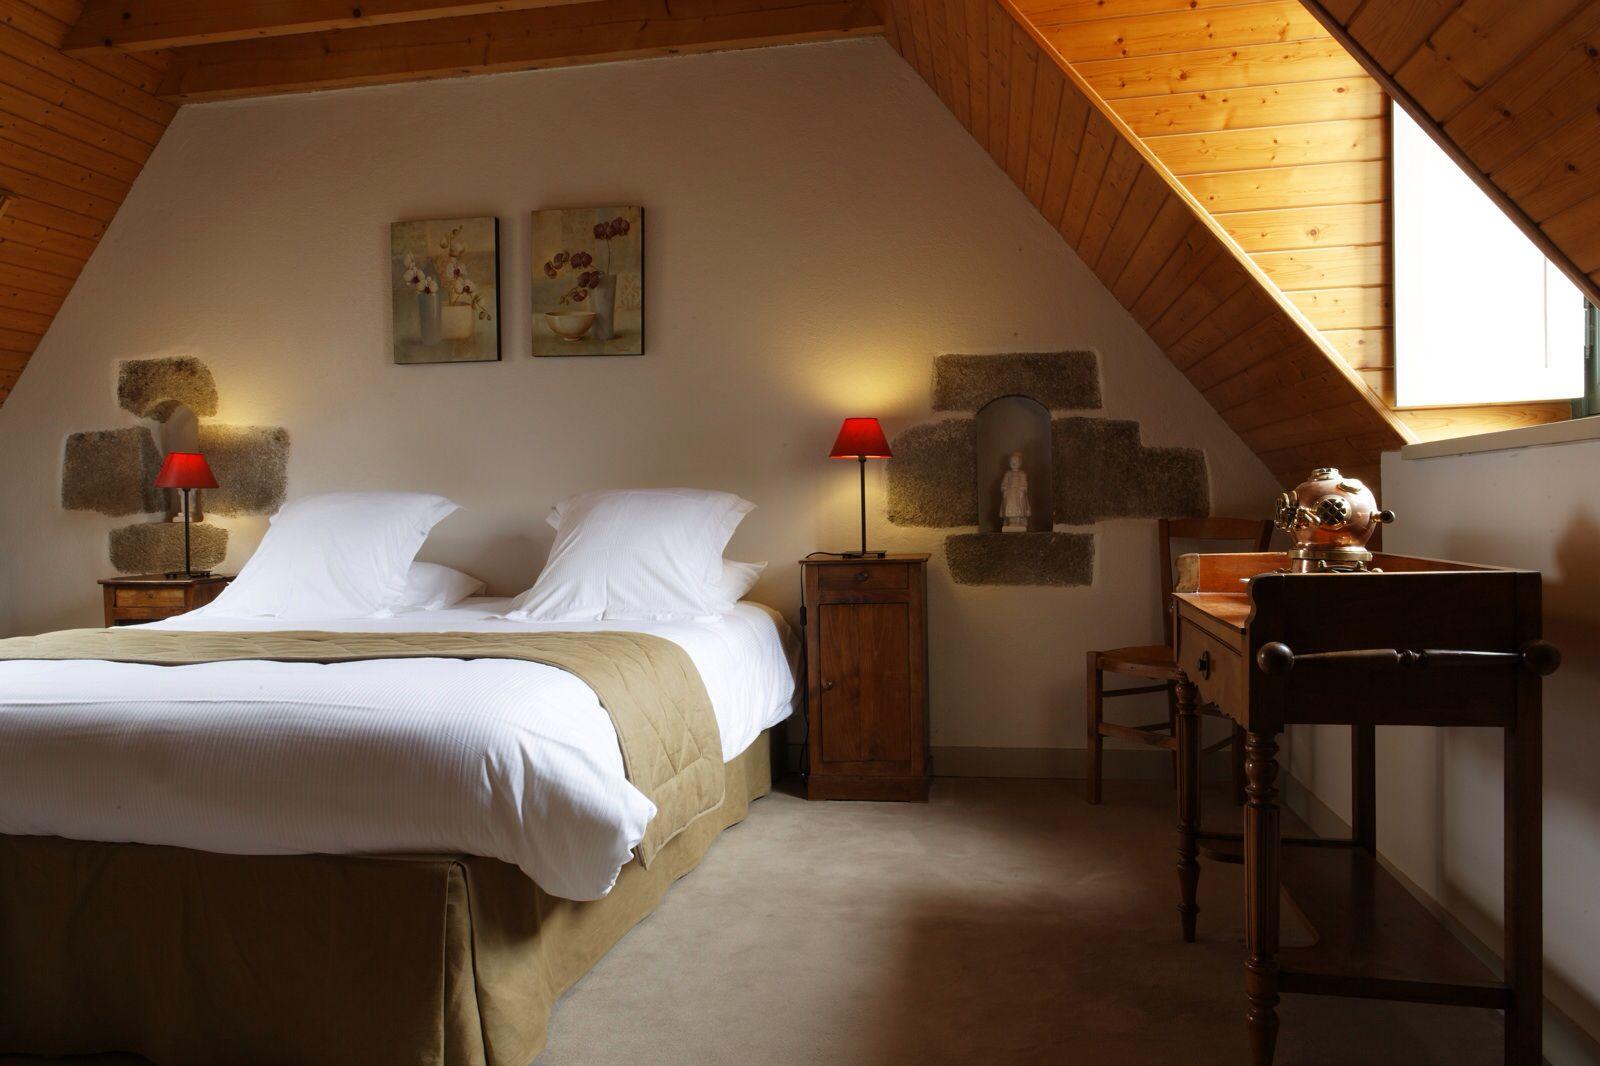 La ferme saint vennec chambres d 39 h tes et g tes de charmes - Chambre d hote piscine chauffee ...